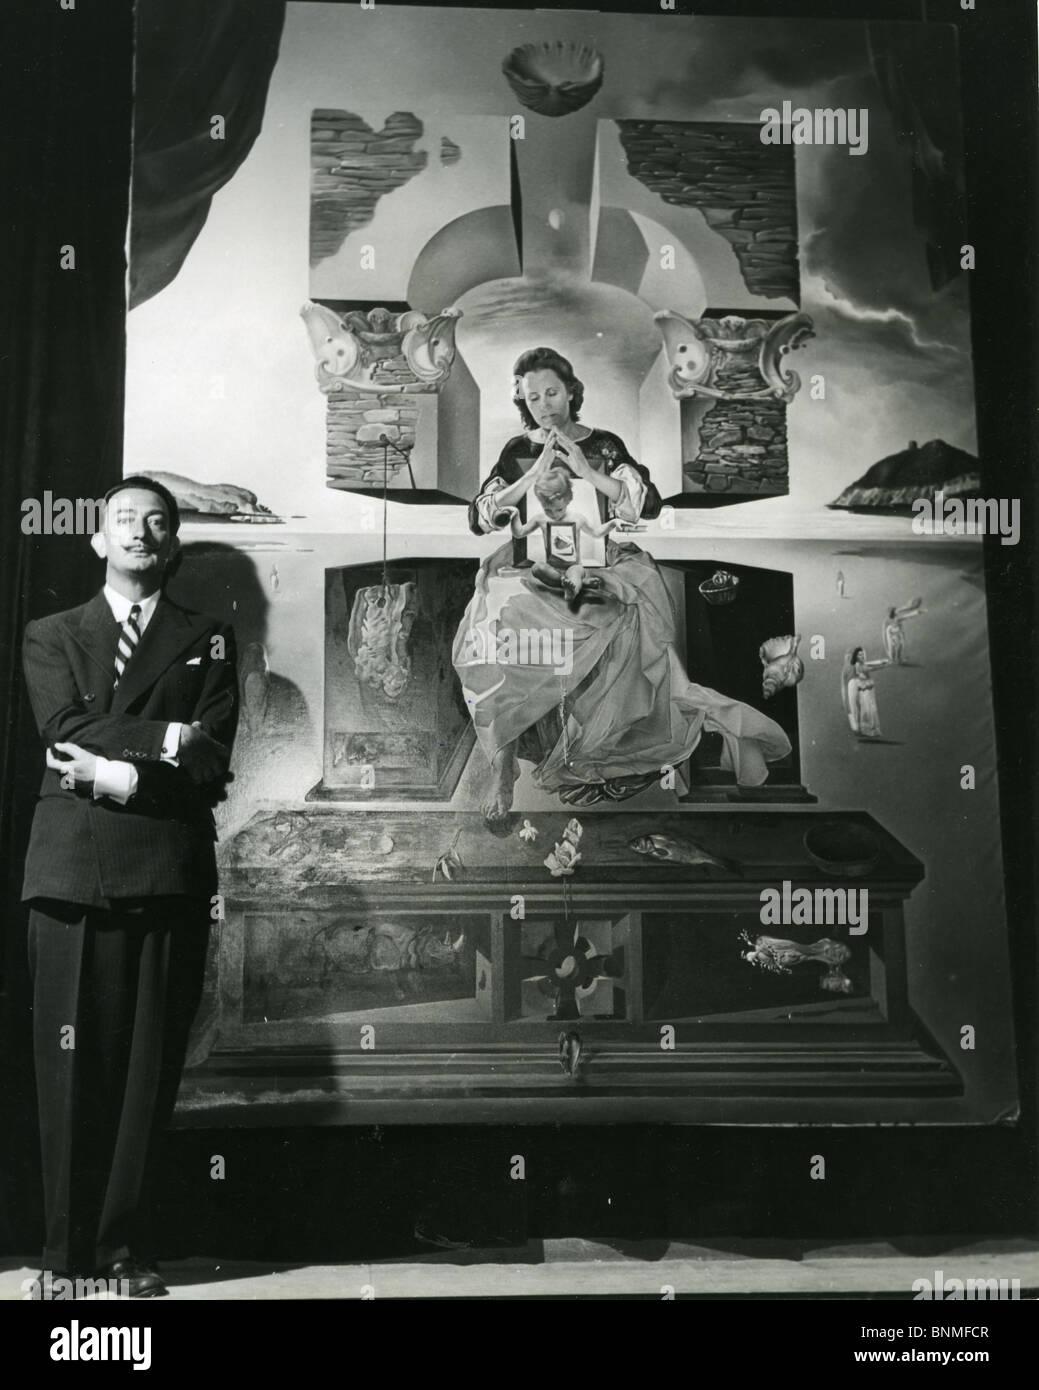 SALVADOR DALÍ (1984-1989), artista español con su Madonna pintura para que su esposa Gala fue modelo Foto de stock